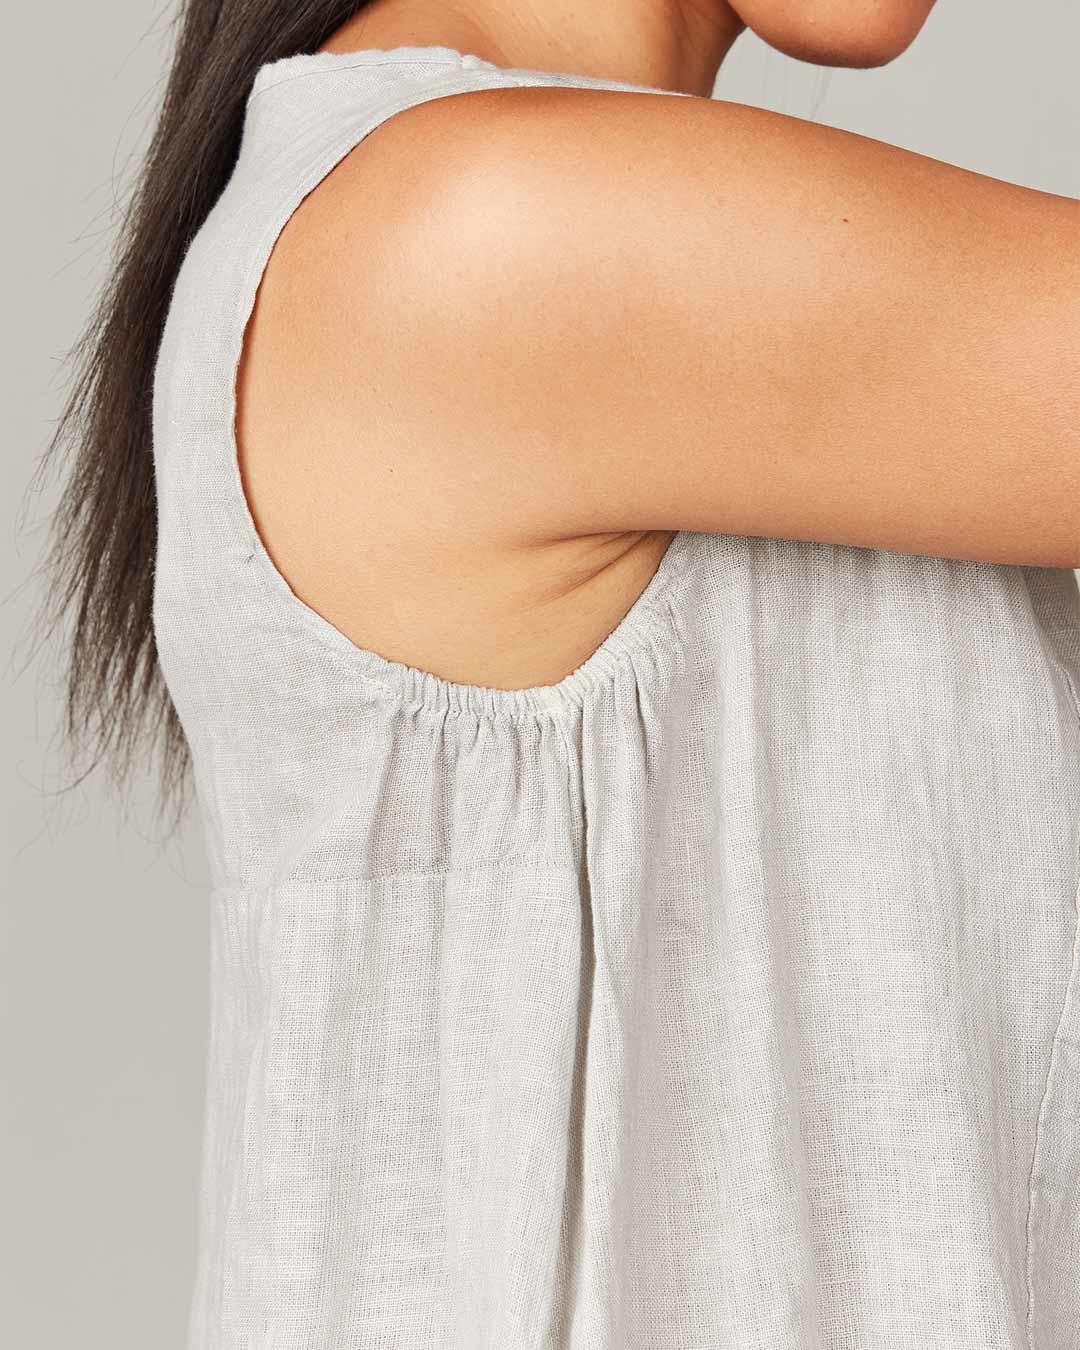 pistache-clothing-comfort-dress-pebble-02-dianes-lingerie-vancouver-1080x1080